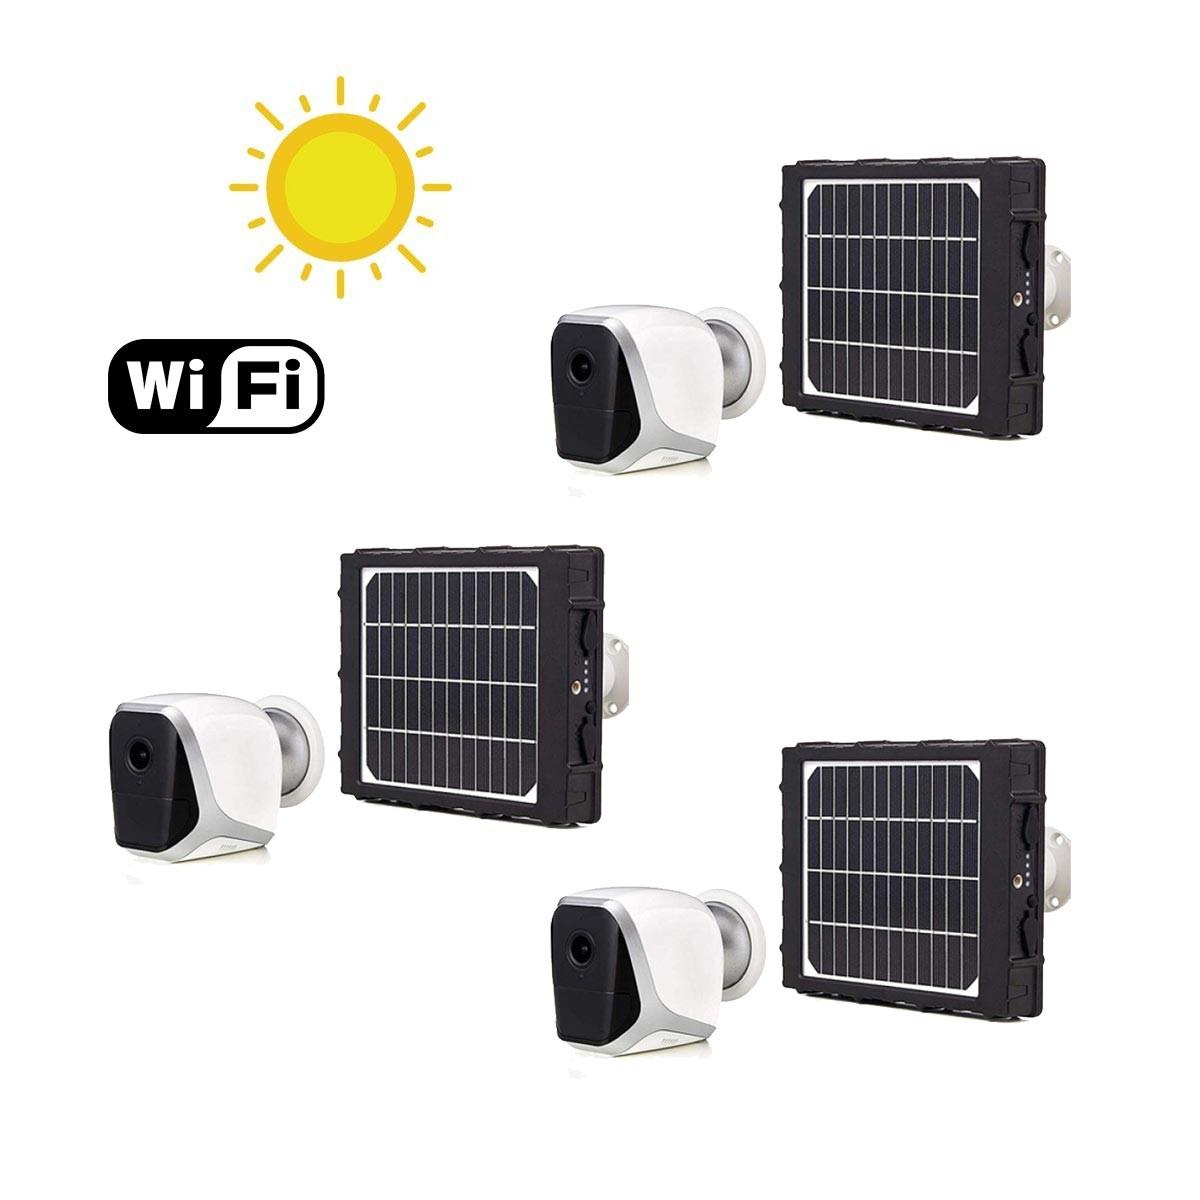 Kit de 3 Smart caméras solaires autonomes WiFi HD 1080P